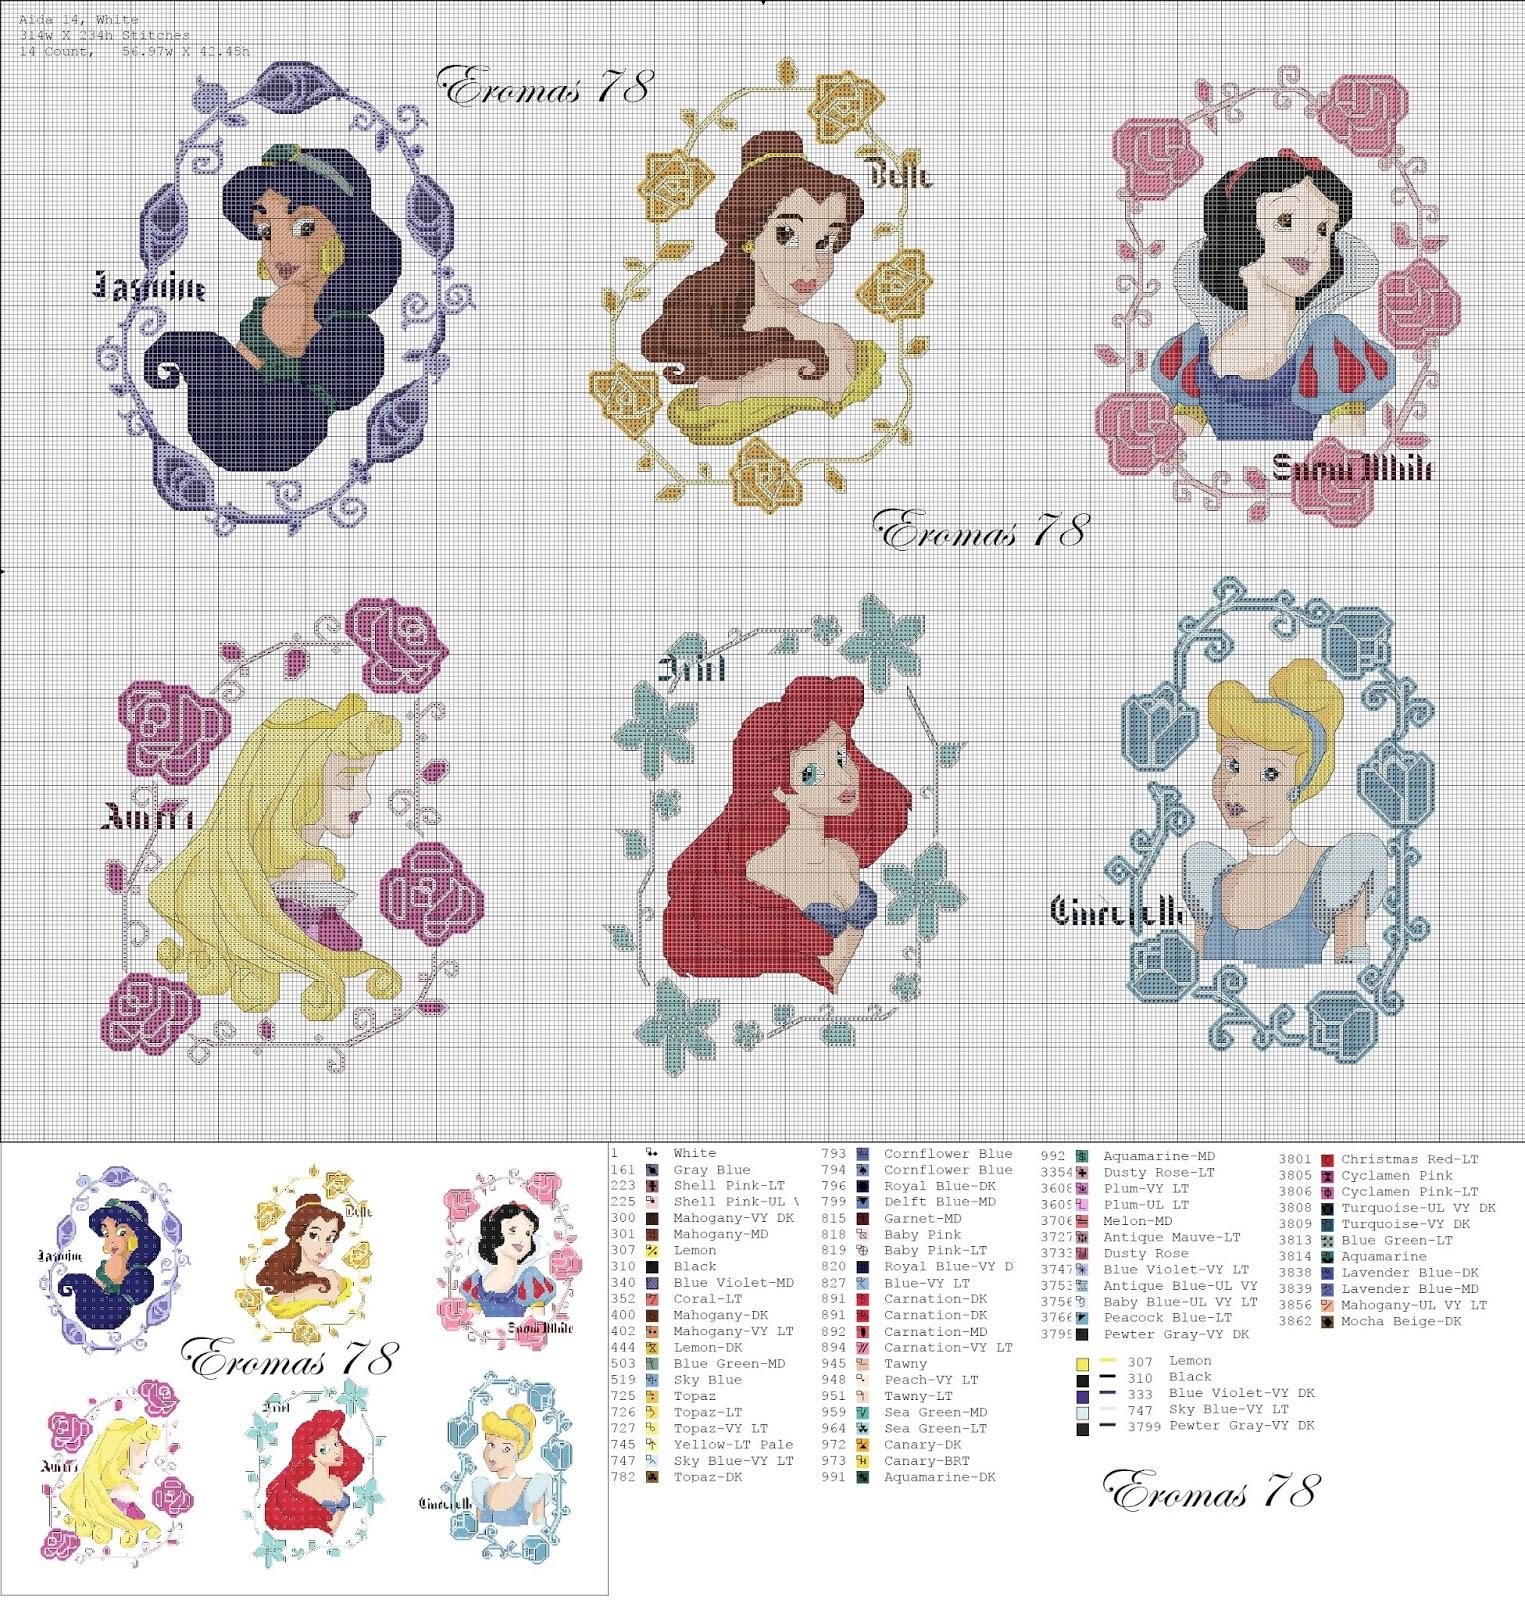 Punto de cruz y otras manualidades: Princesas disney a punto de cruz